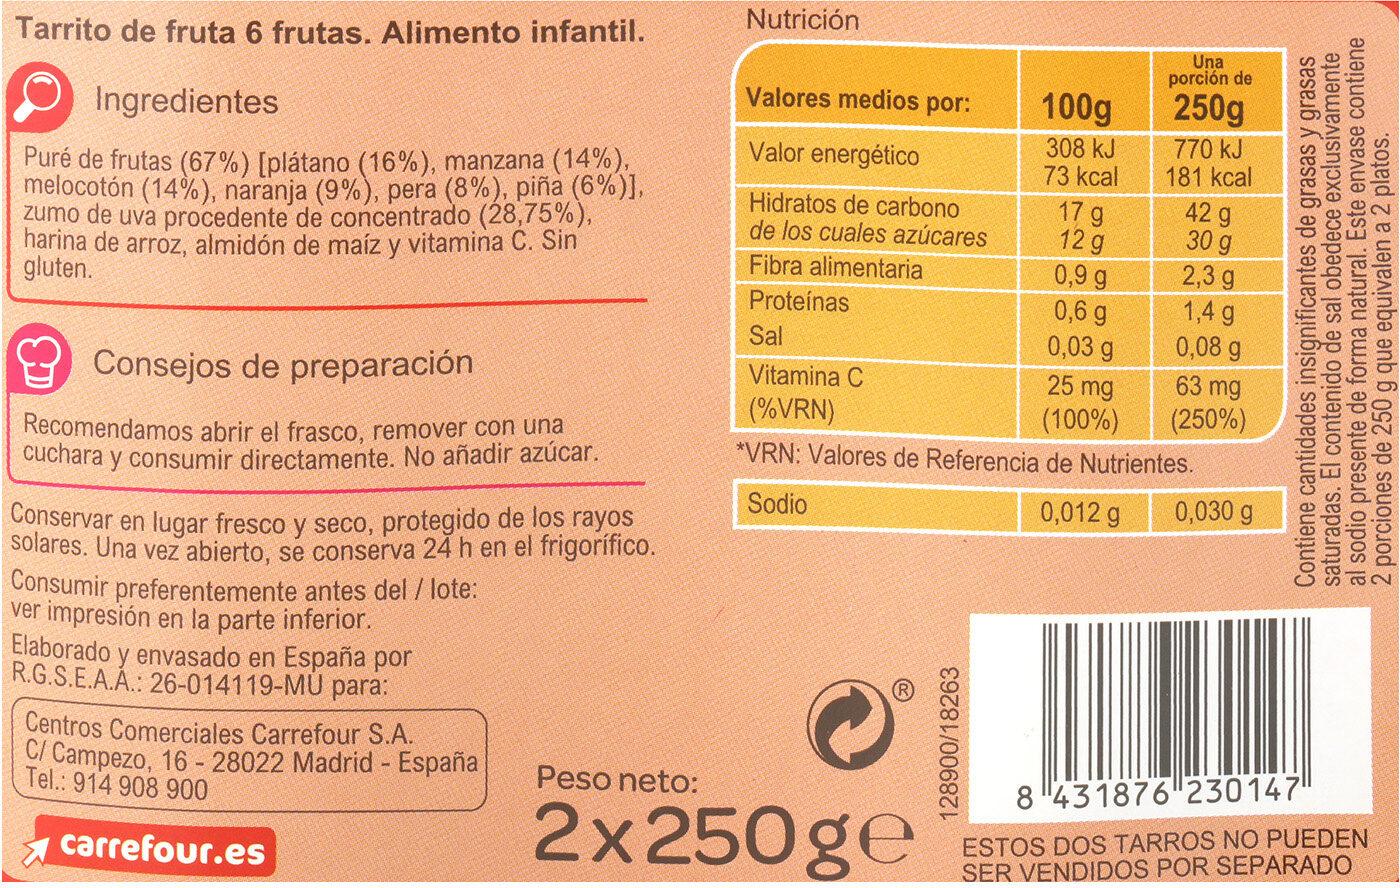 Tarrito 6 frutas - Información nutricional - es